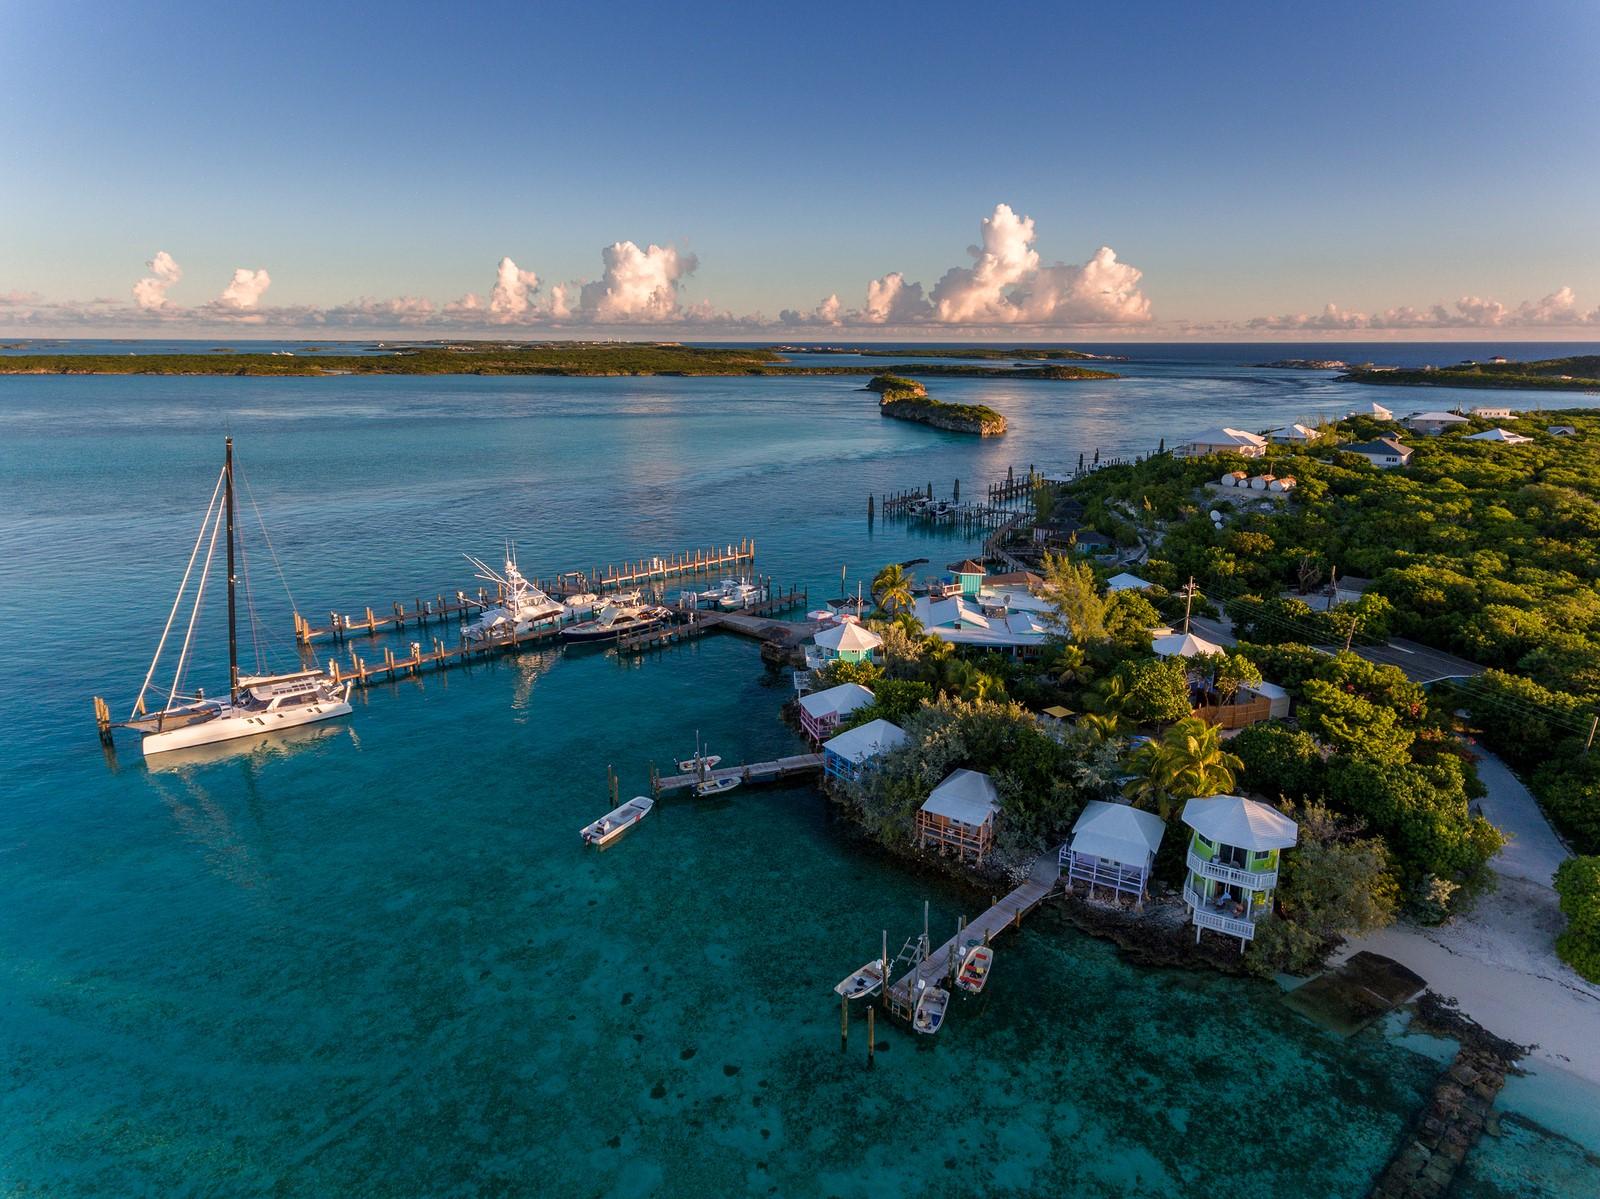 Alquiler de yates en Bahamas. Alquiler de barcos en Bahamas. Alquiler de superyates de lujo en Bahamas